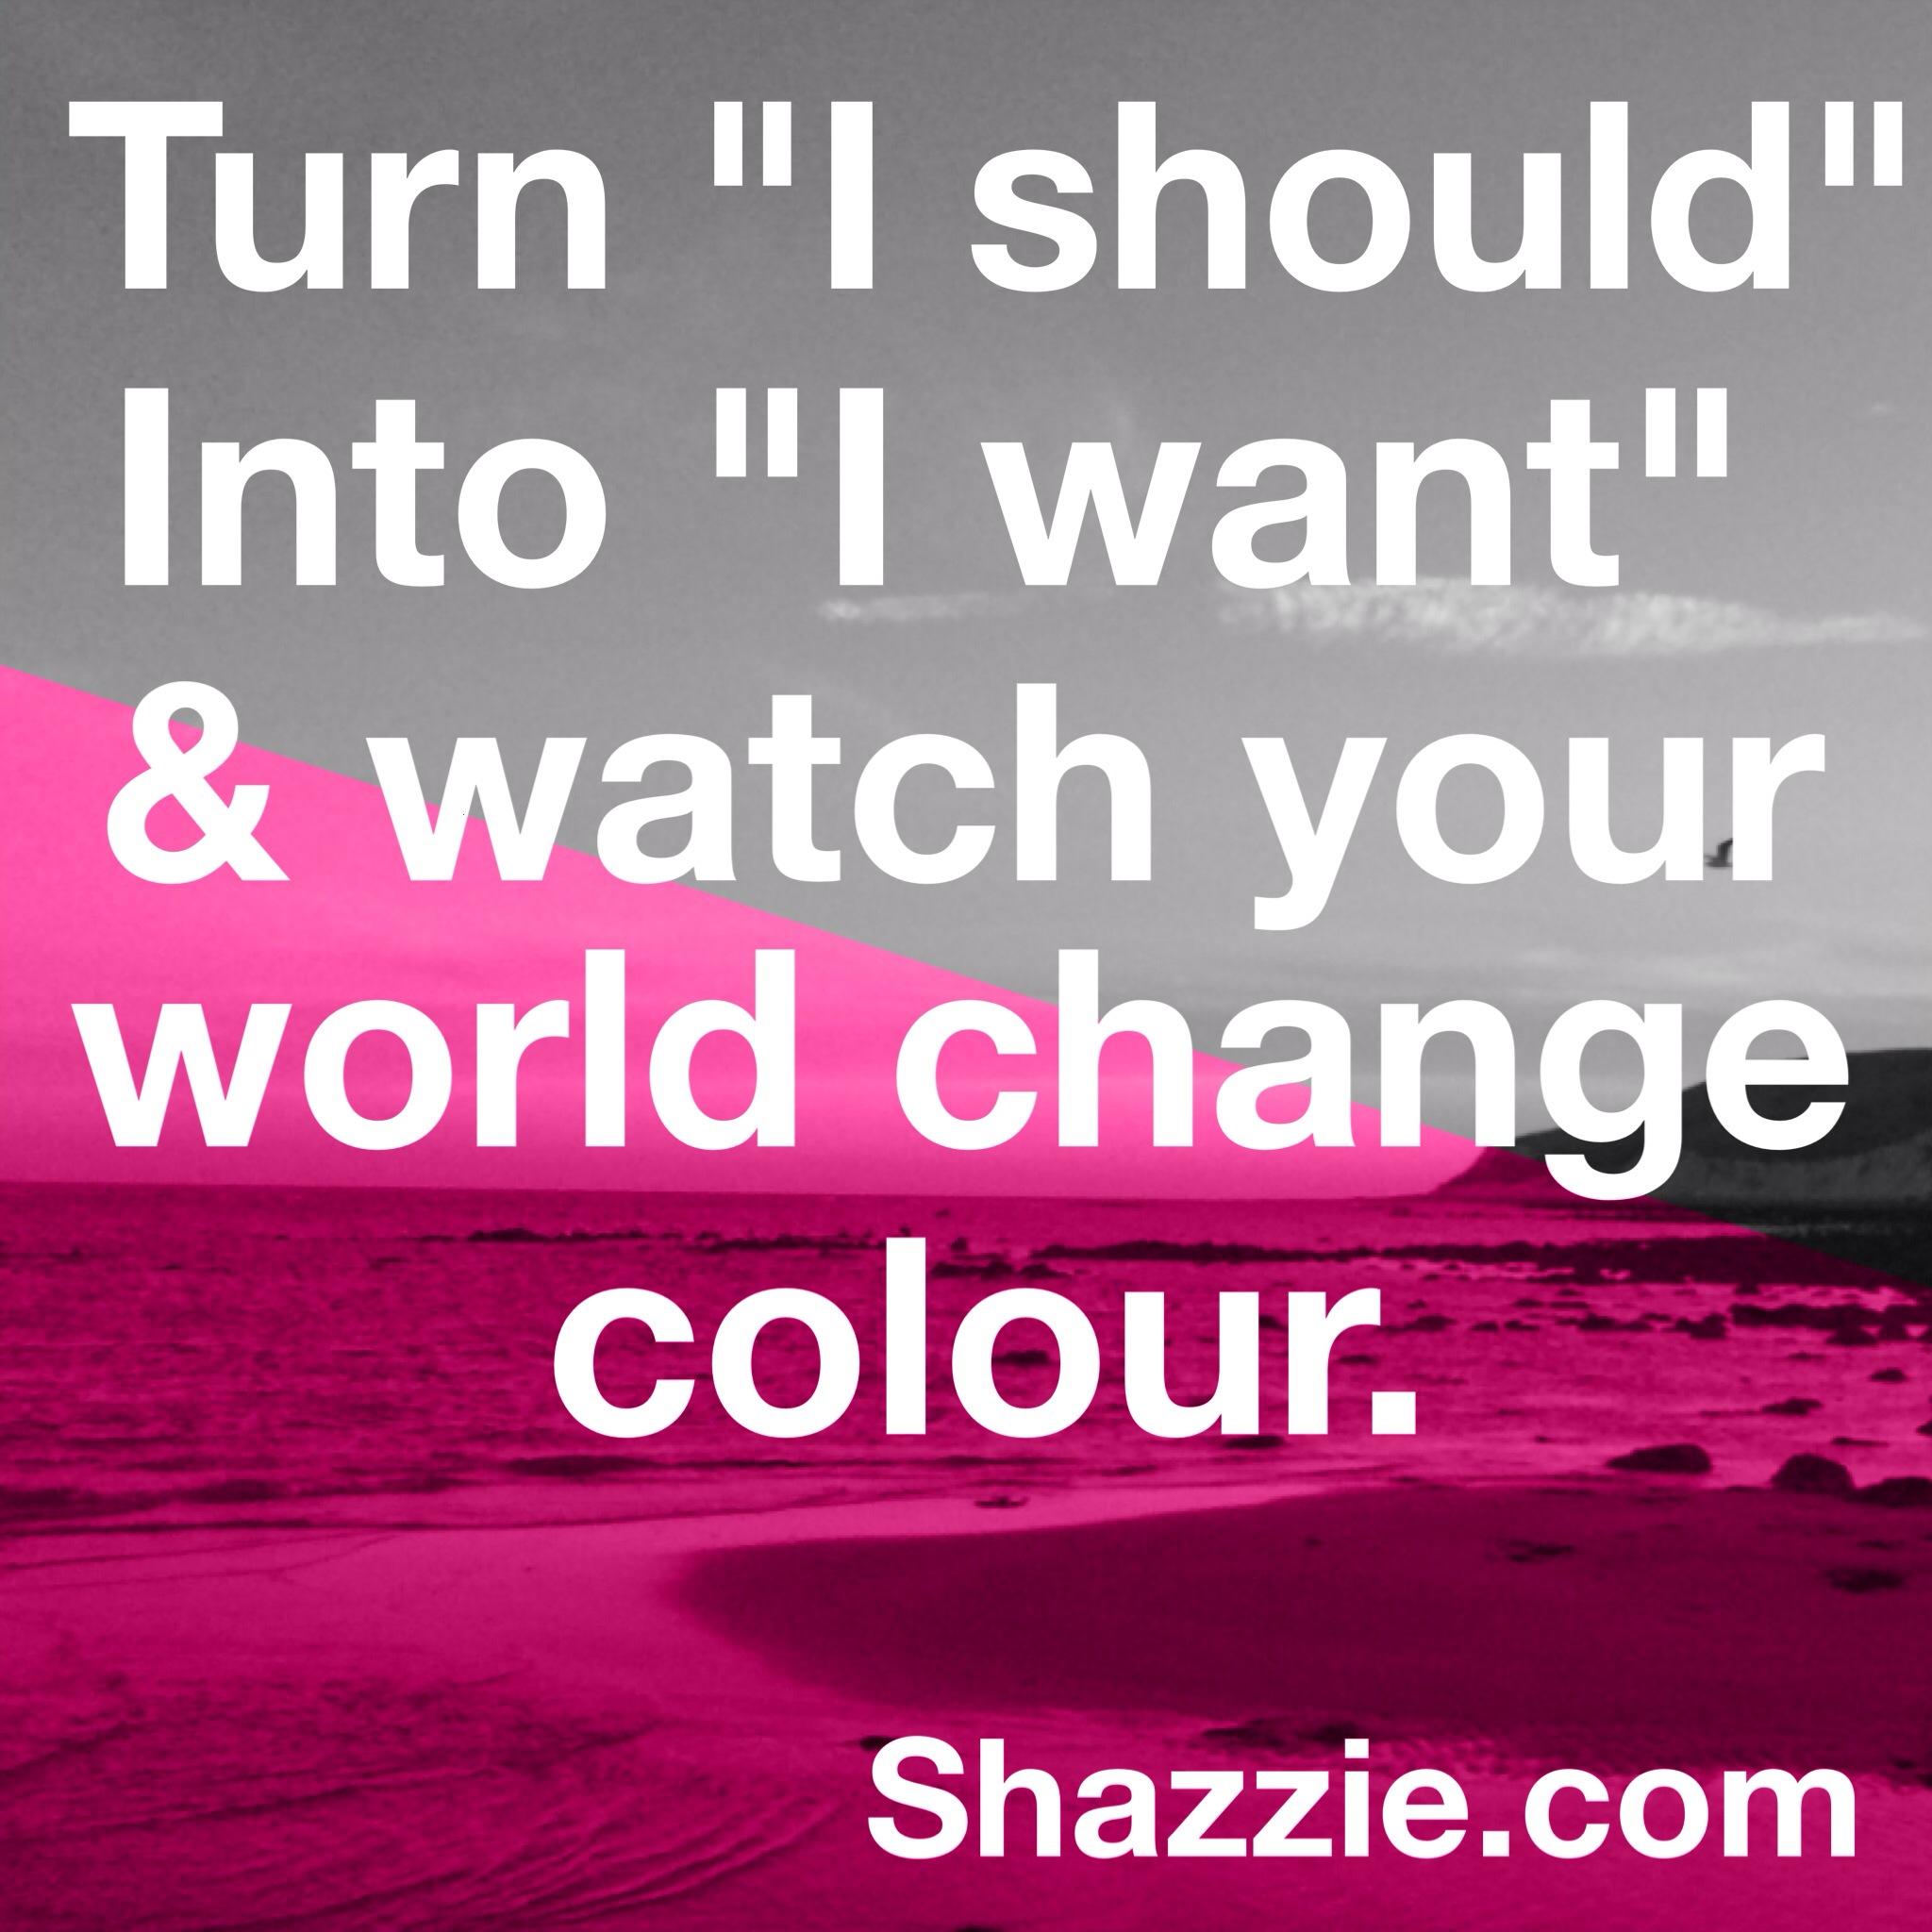 Shazzie quote